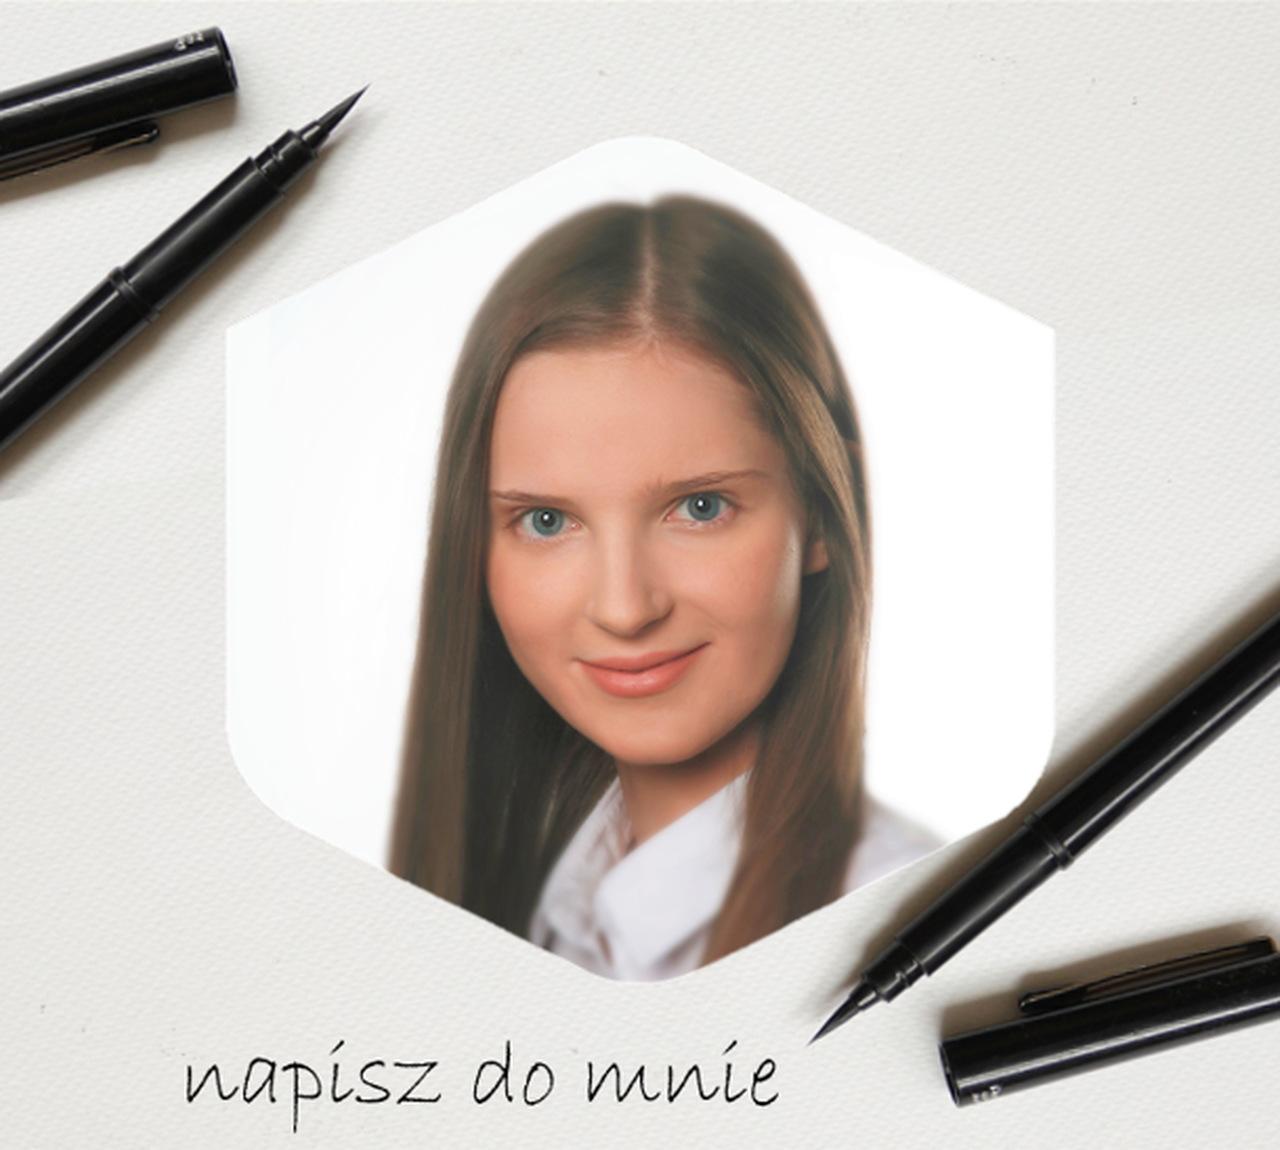 Natalia Szynkiewicz kontakt2 Easy Resize.com